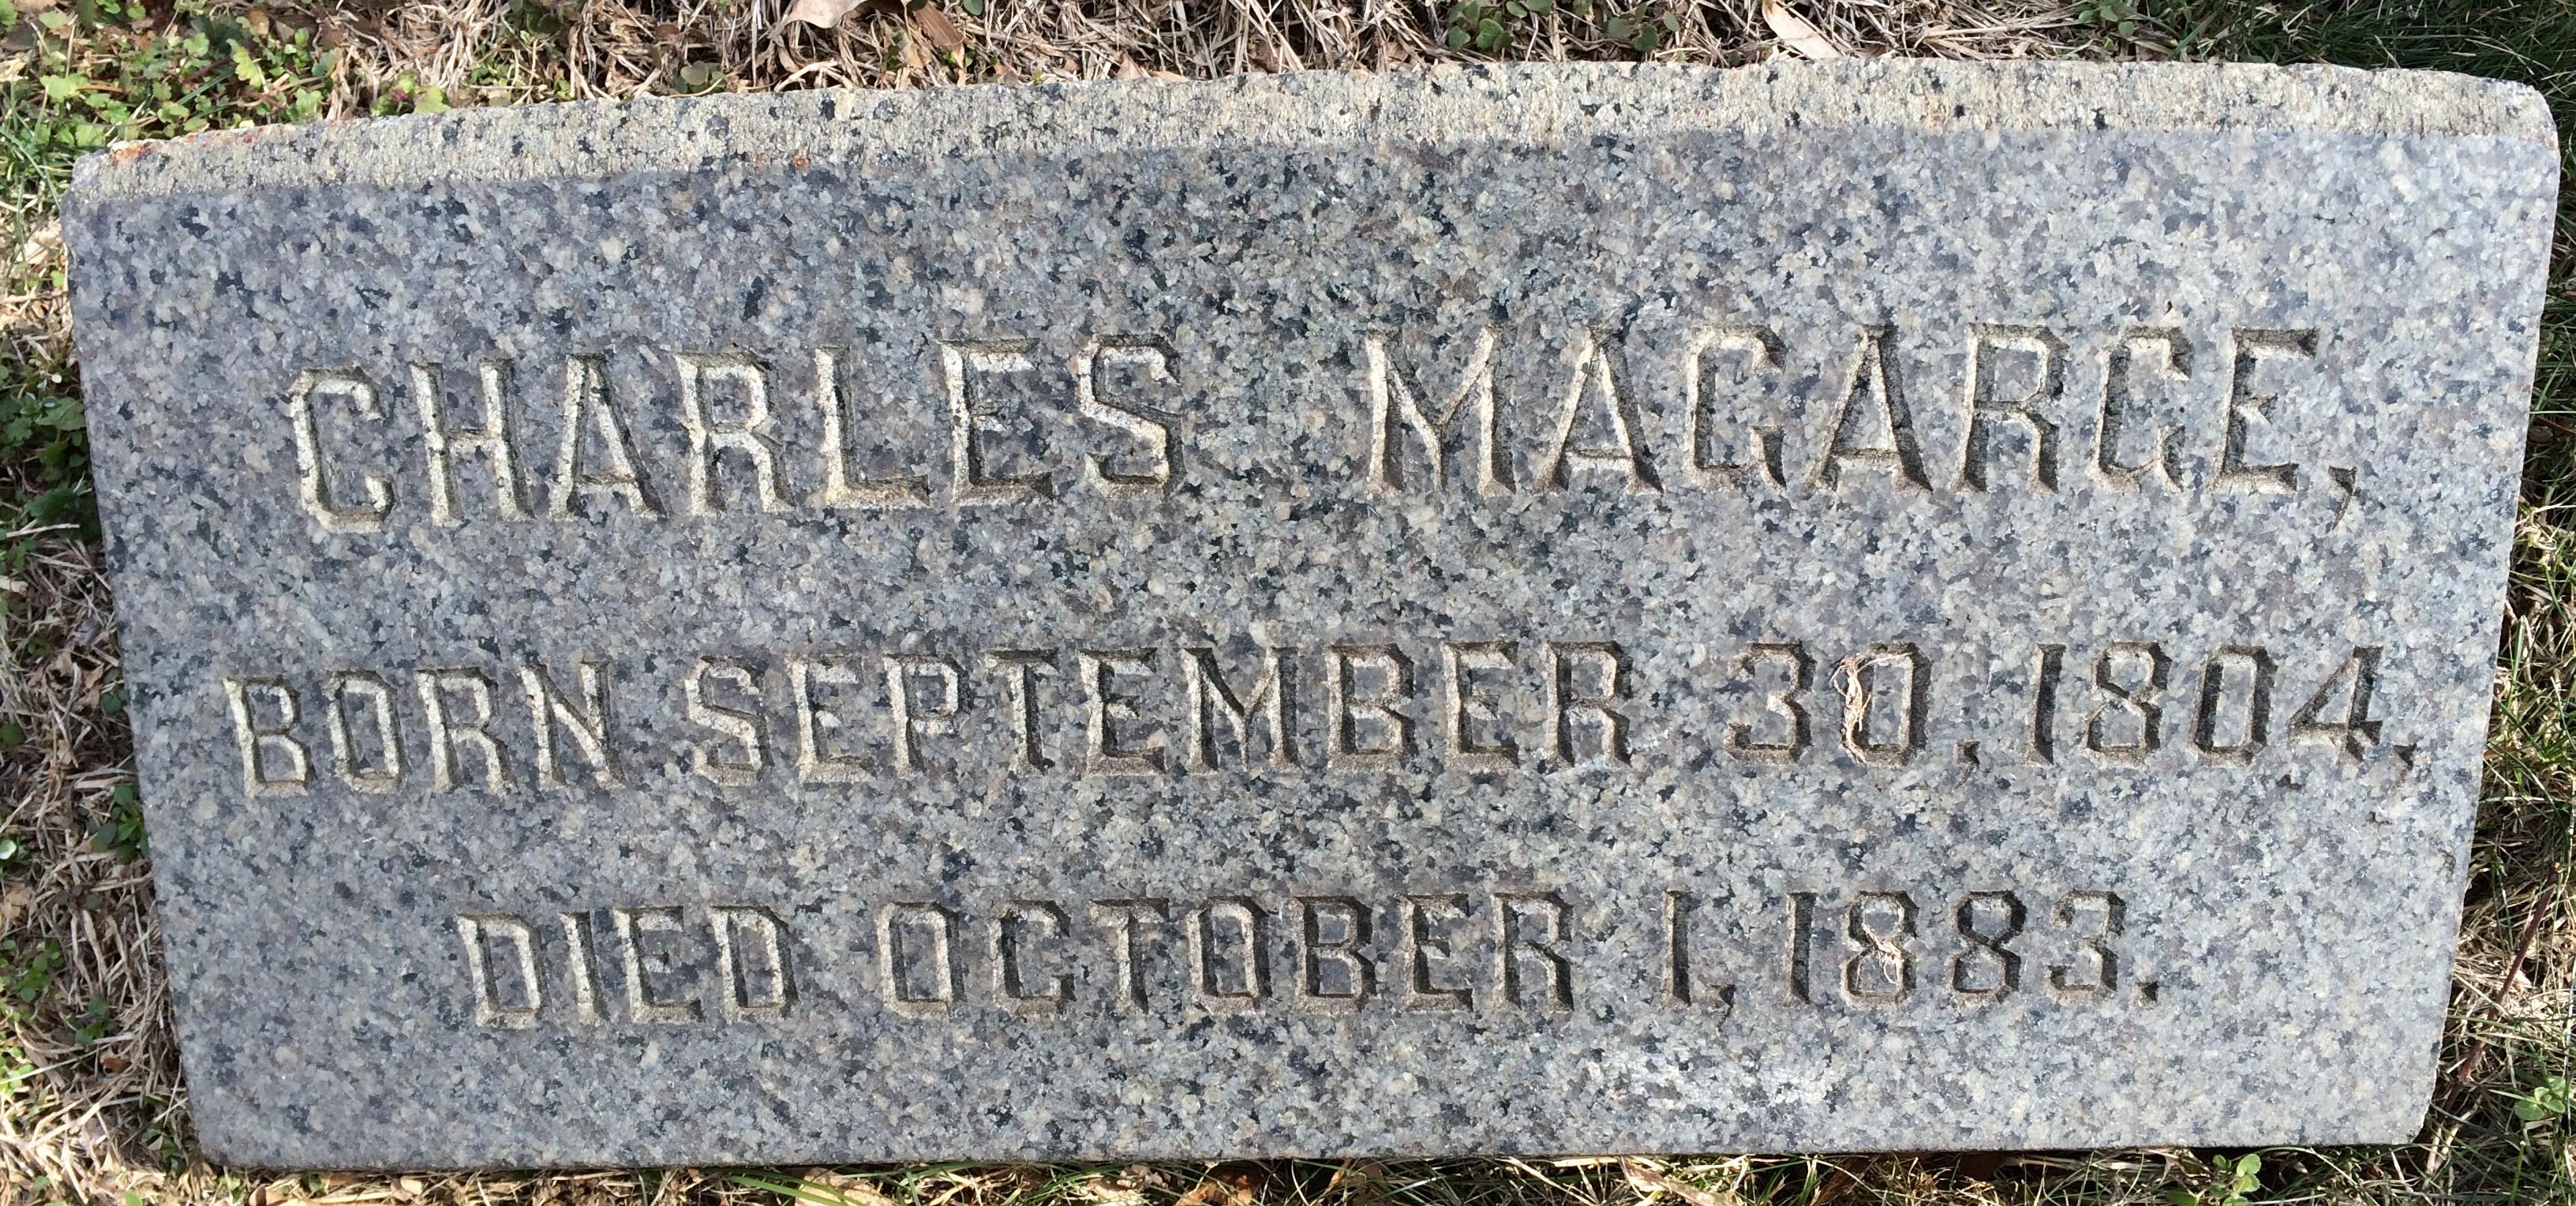 Charles Magarge